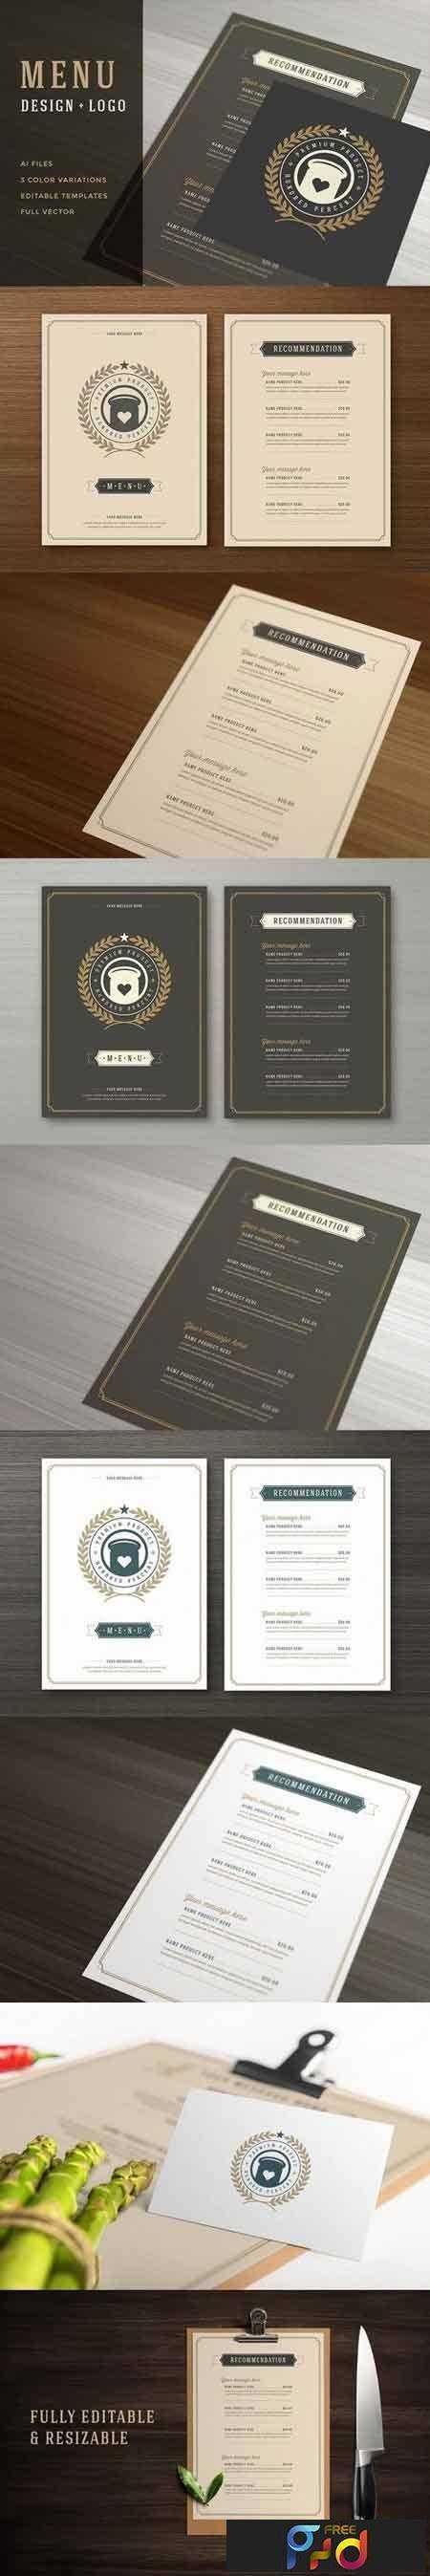 1709215 Restaurant Menu with Logo Design 1456118 1